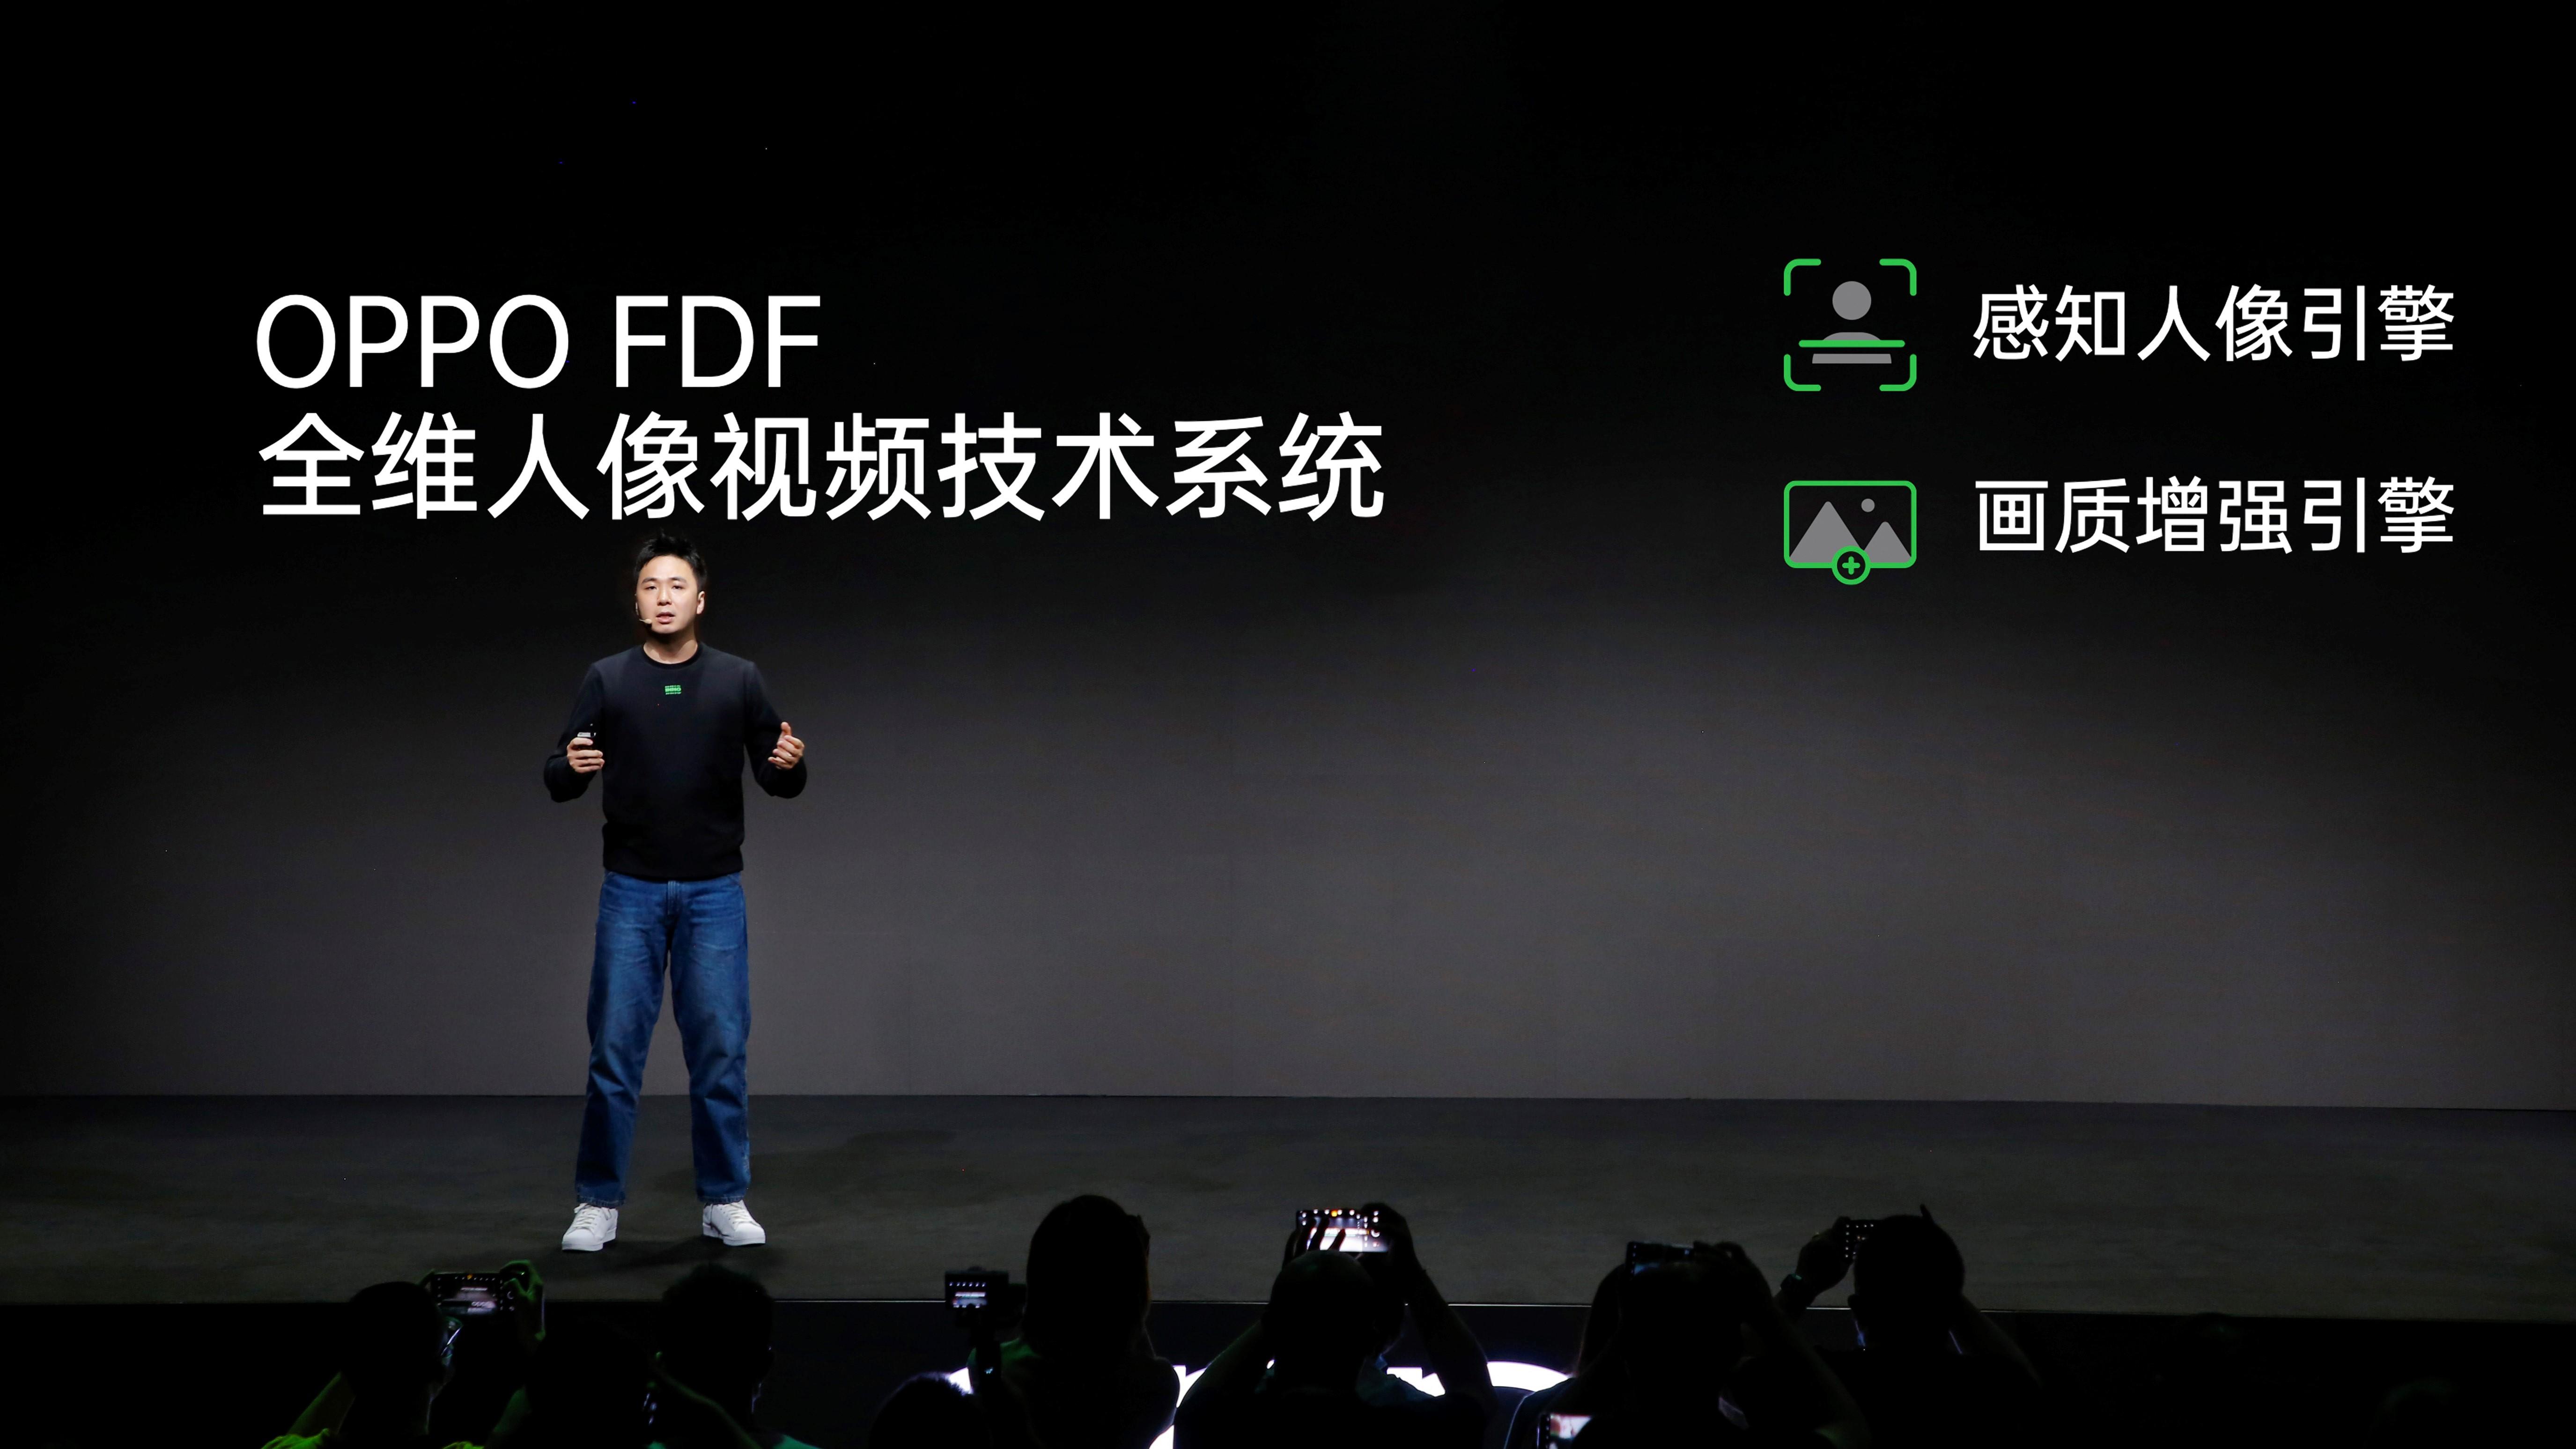 OPPO FDF 全维人像视频技术系统首次亮相INNO DAY